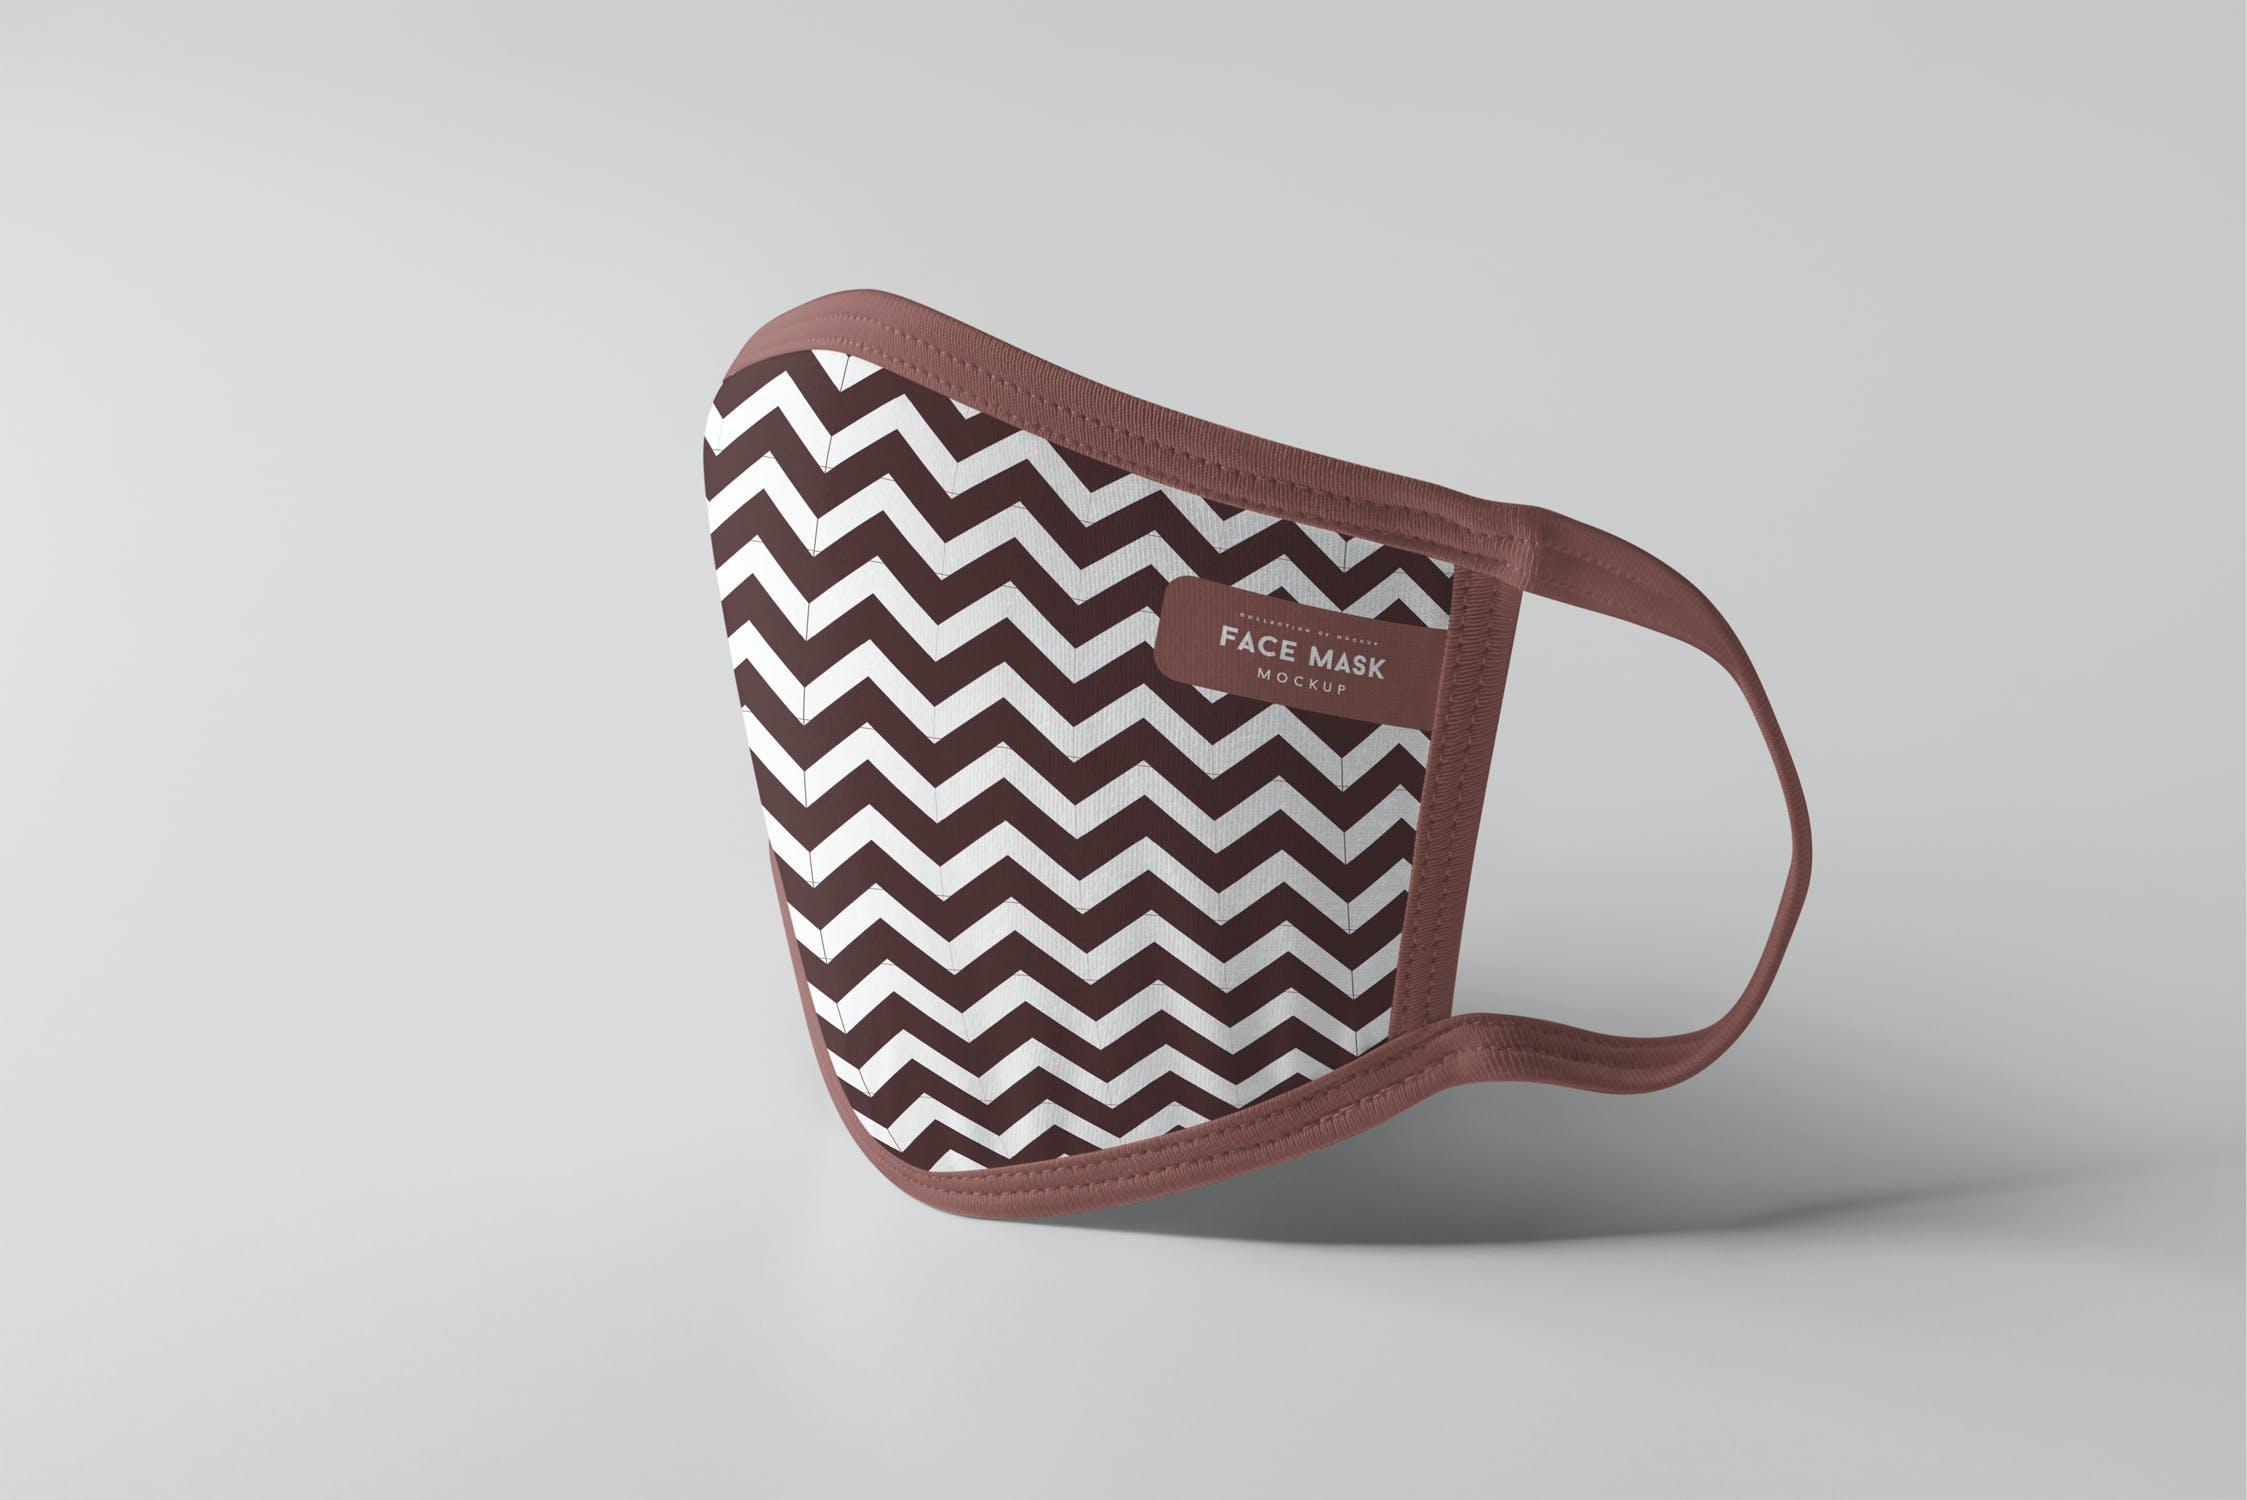 8款防护面罩口罩印花设计展示样机PSD模板 Face Mask Mockup插图(12)